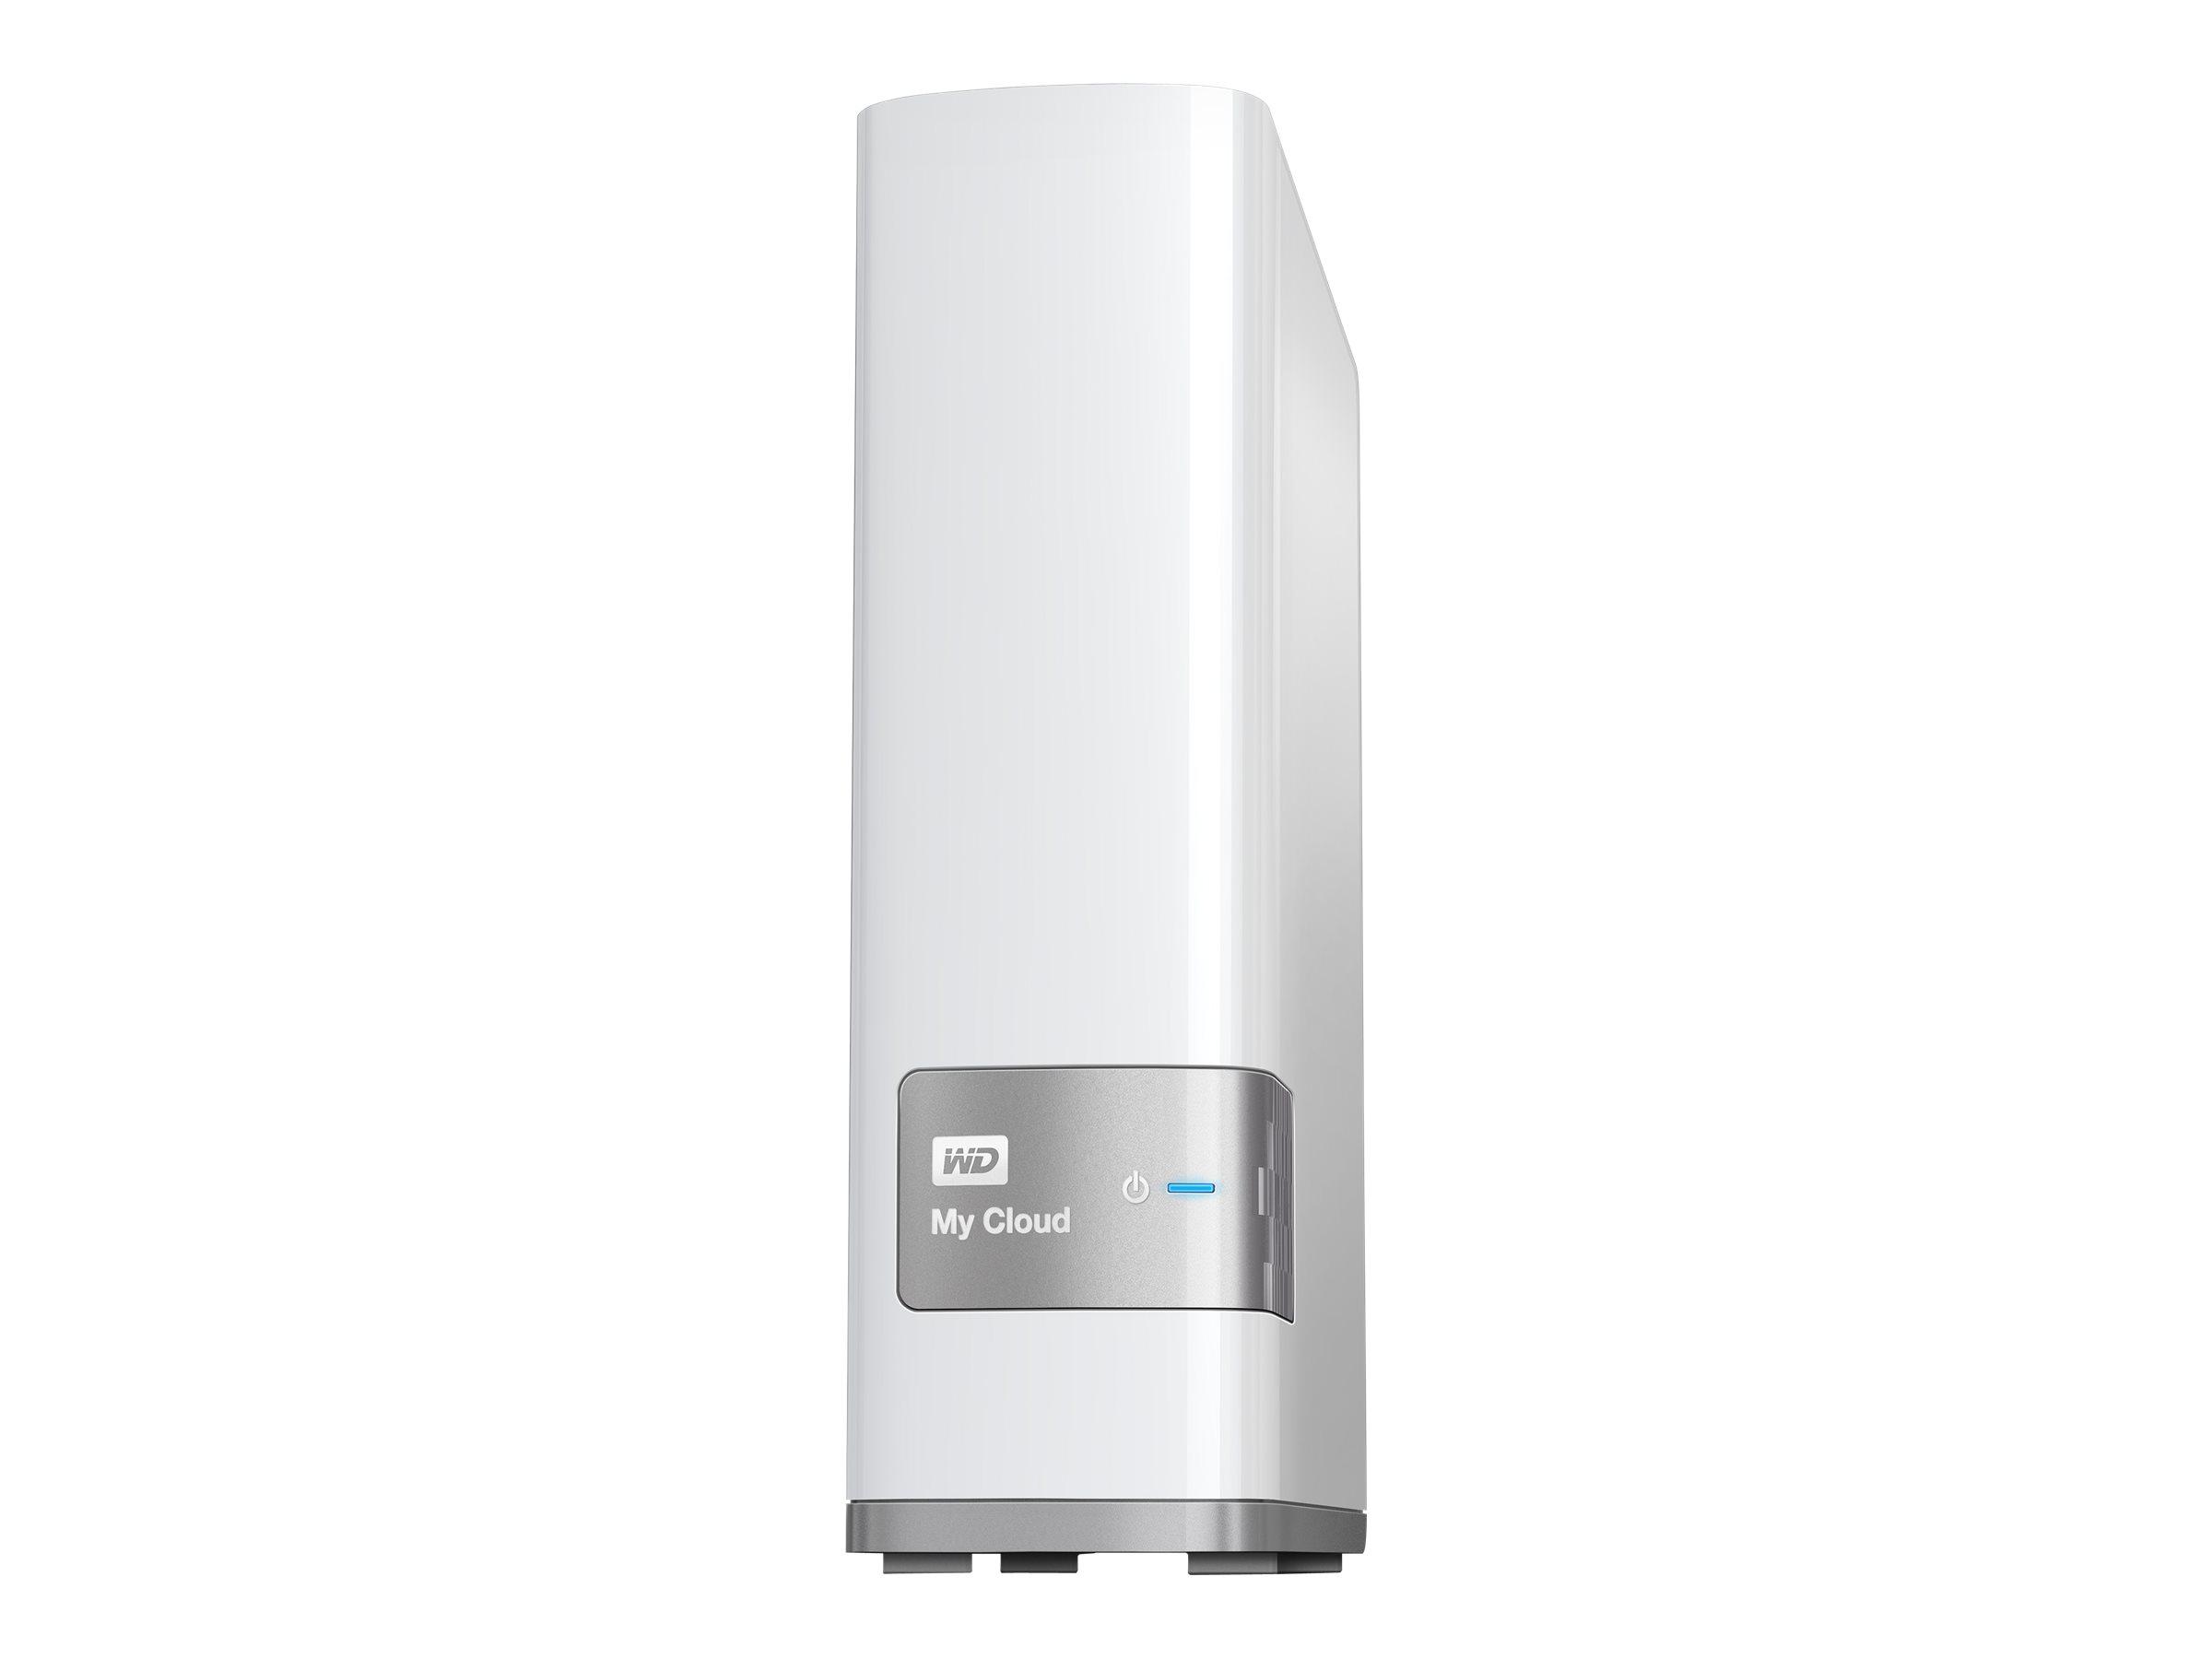 WD My Cloud WDBCTL0030HWT - NAS-Server - 3 TB - HDD 3 TB x 1 - Gigabit Ethernet